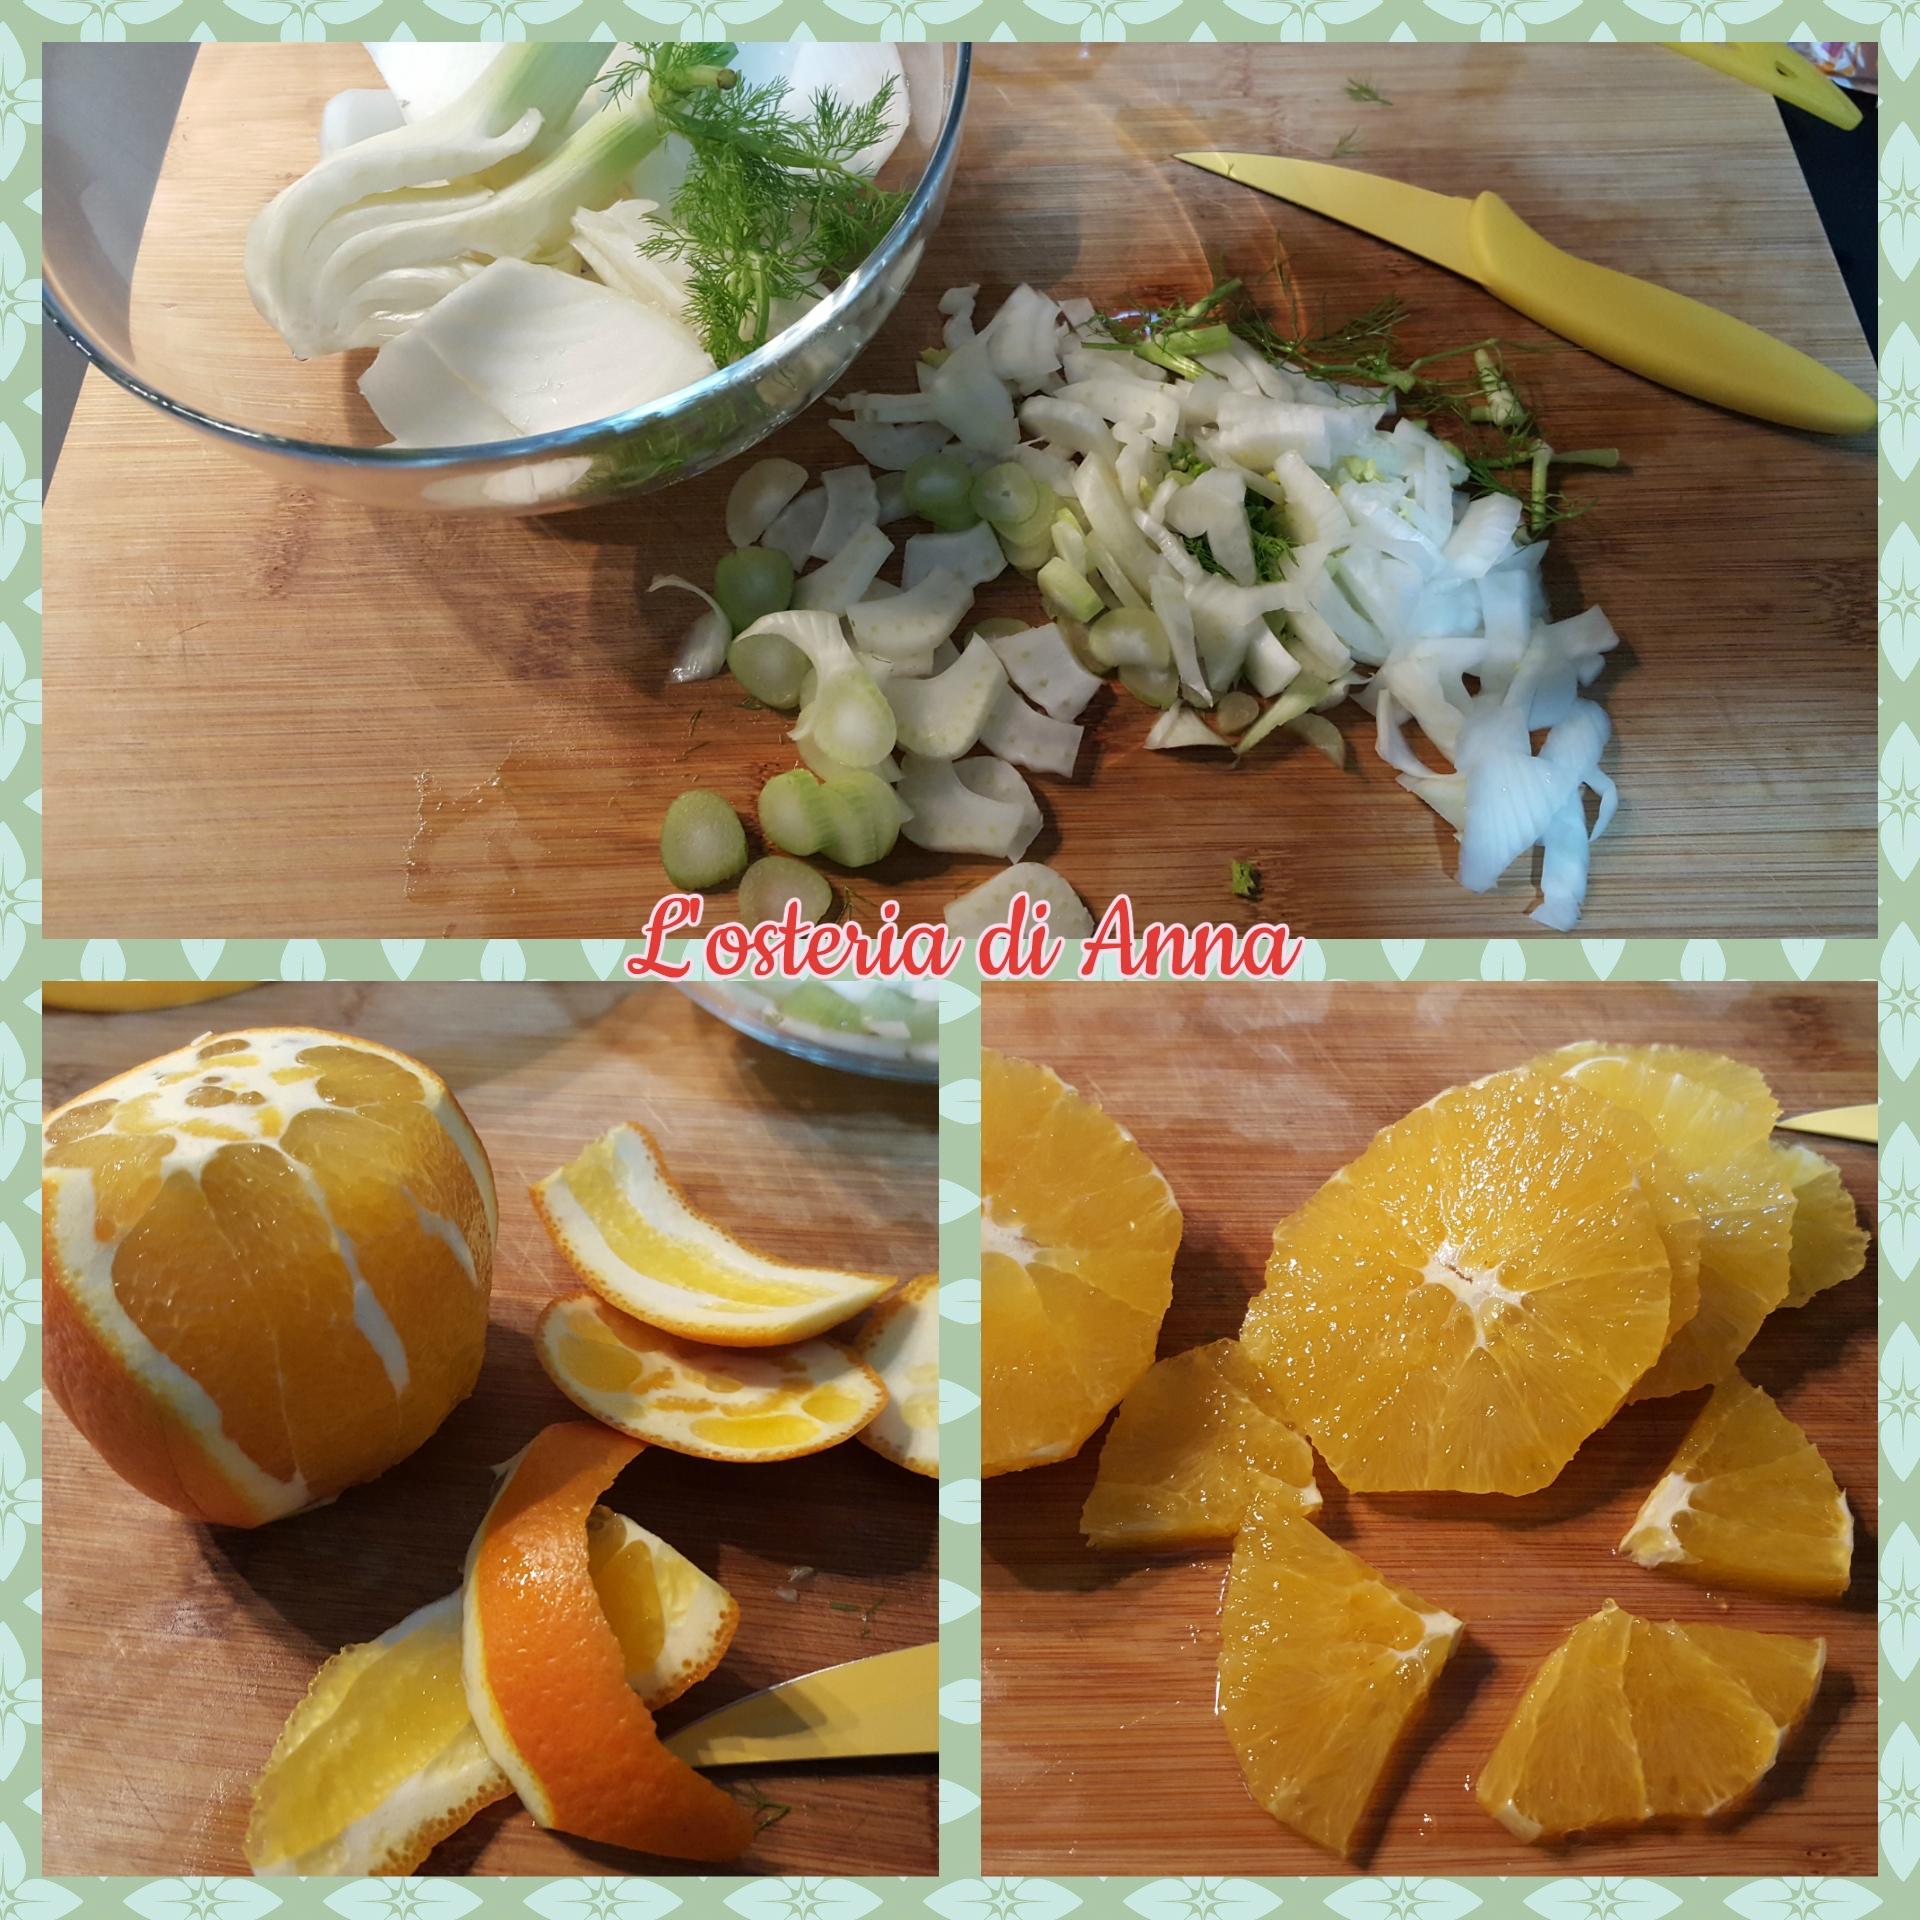 Tagliare il finocchio e le arance